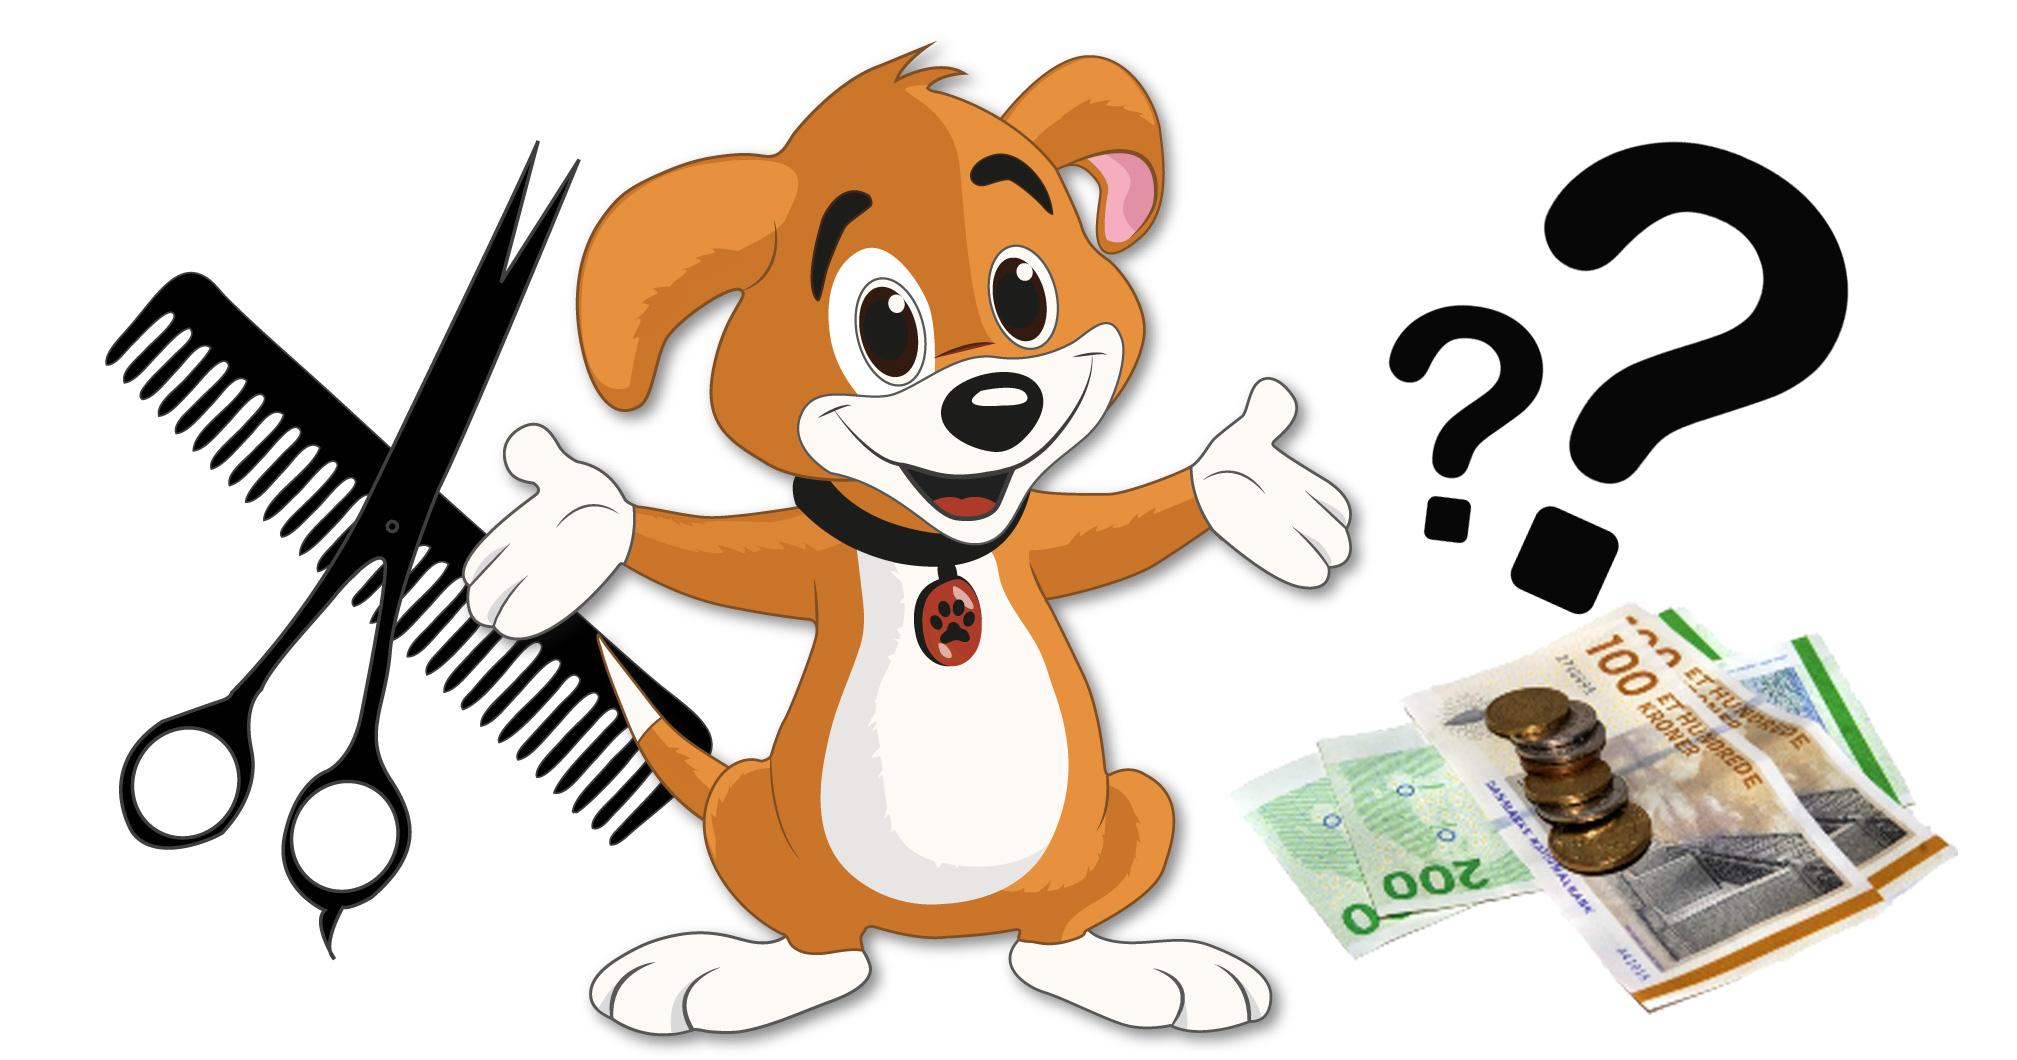 Hvorfor koster det så meget at få klippet sin hund?